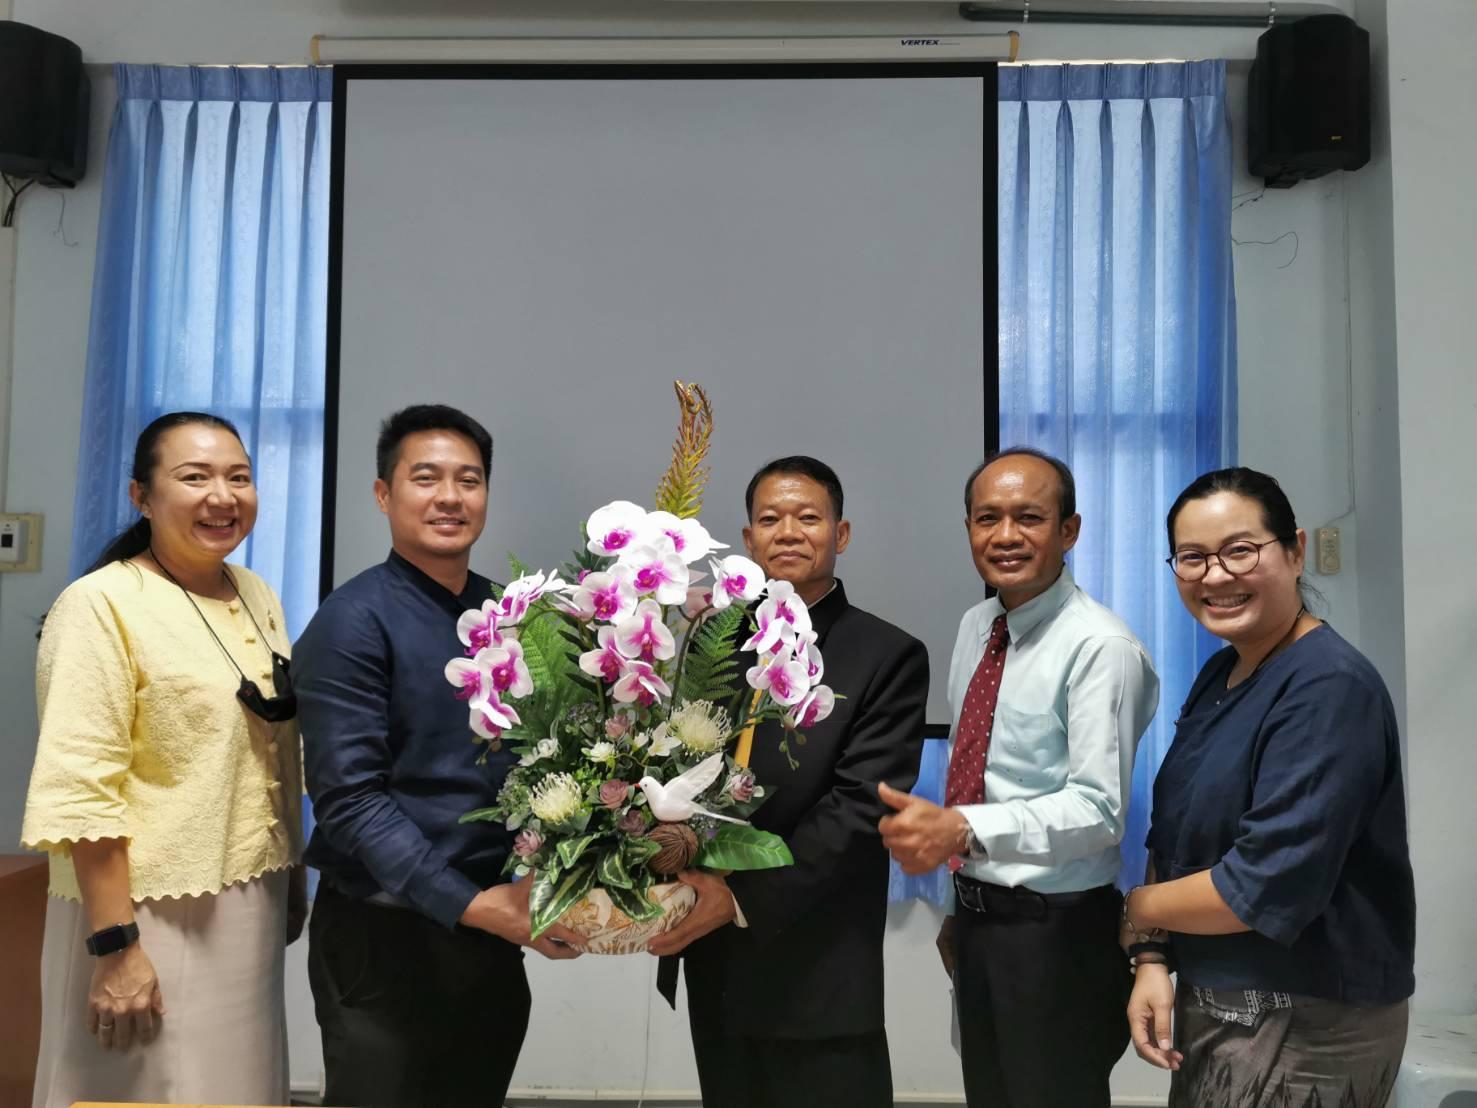 ผู้ช่วยศาสตราจารย์ ดร.จำเนียร พลหาญ ประธานสาขาวิชาการบริหารจัดการการศึกษาและคณาจารย์ประจำสาขาฯร่วมแสดงความยินดีกับผู้ช่วยศาสตราจารย์ ดร.กฤษกนก ดวงชาทม เนื่องจากได้รับตำแหน่งทางวิชาการเป็น รองศาสตราจารย์